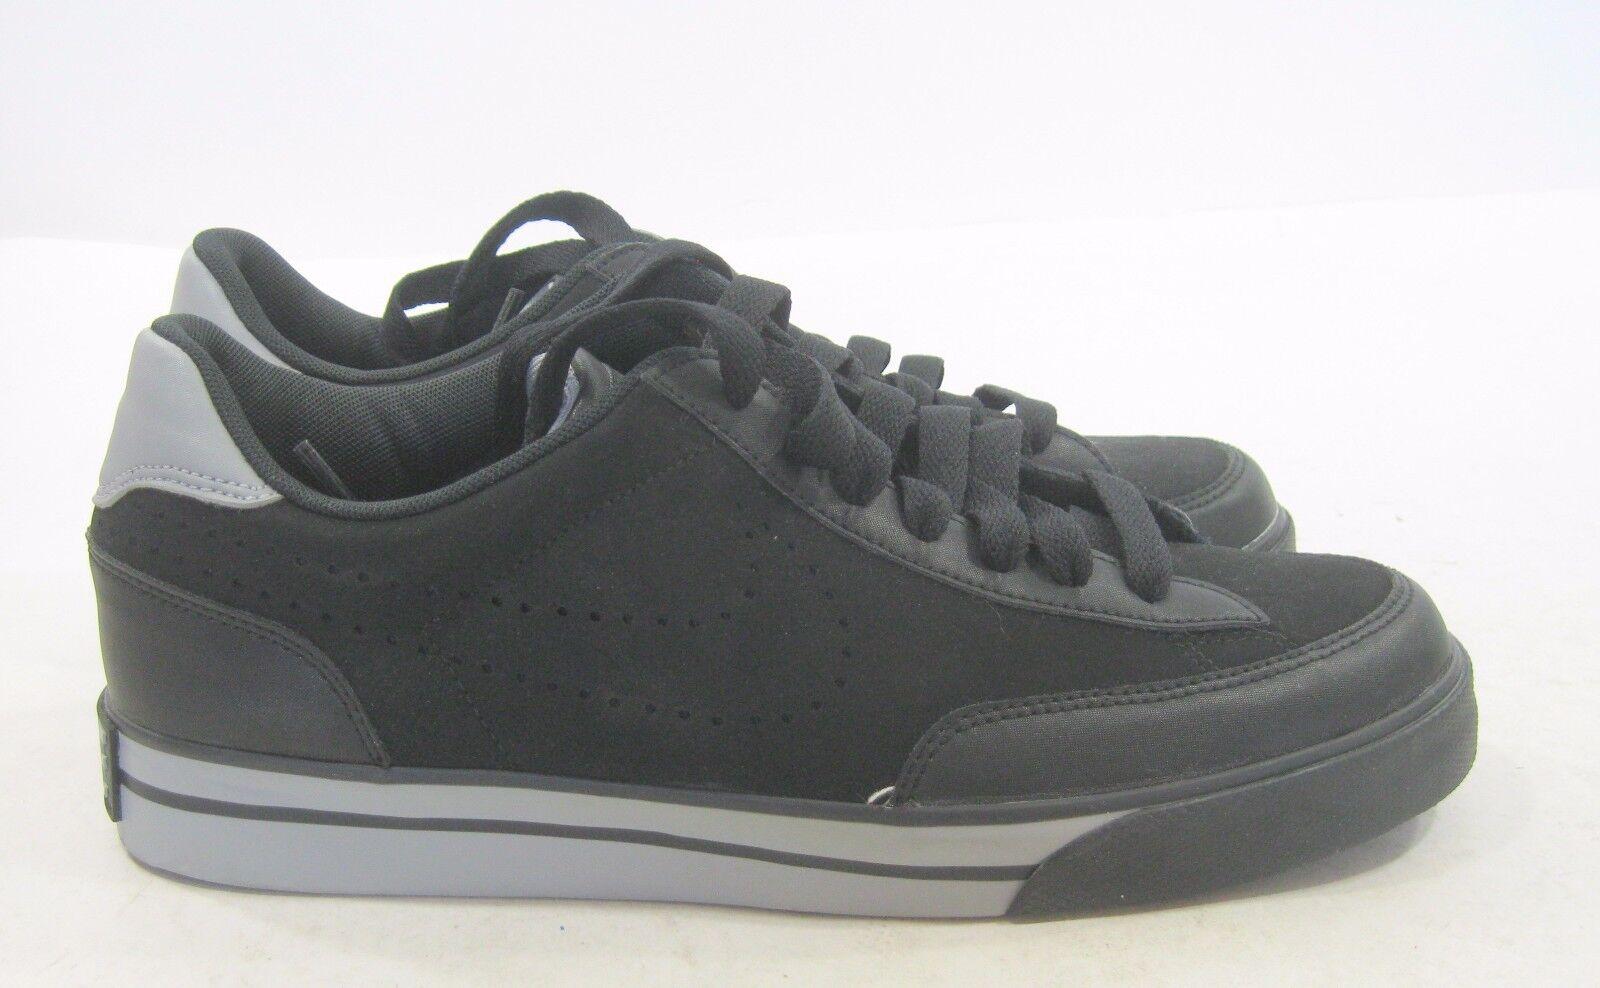 Nike Navaro Low 386587-005 Black/Black-Matte Silver Size 8.5